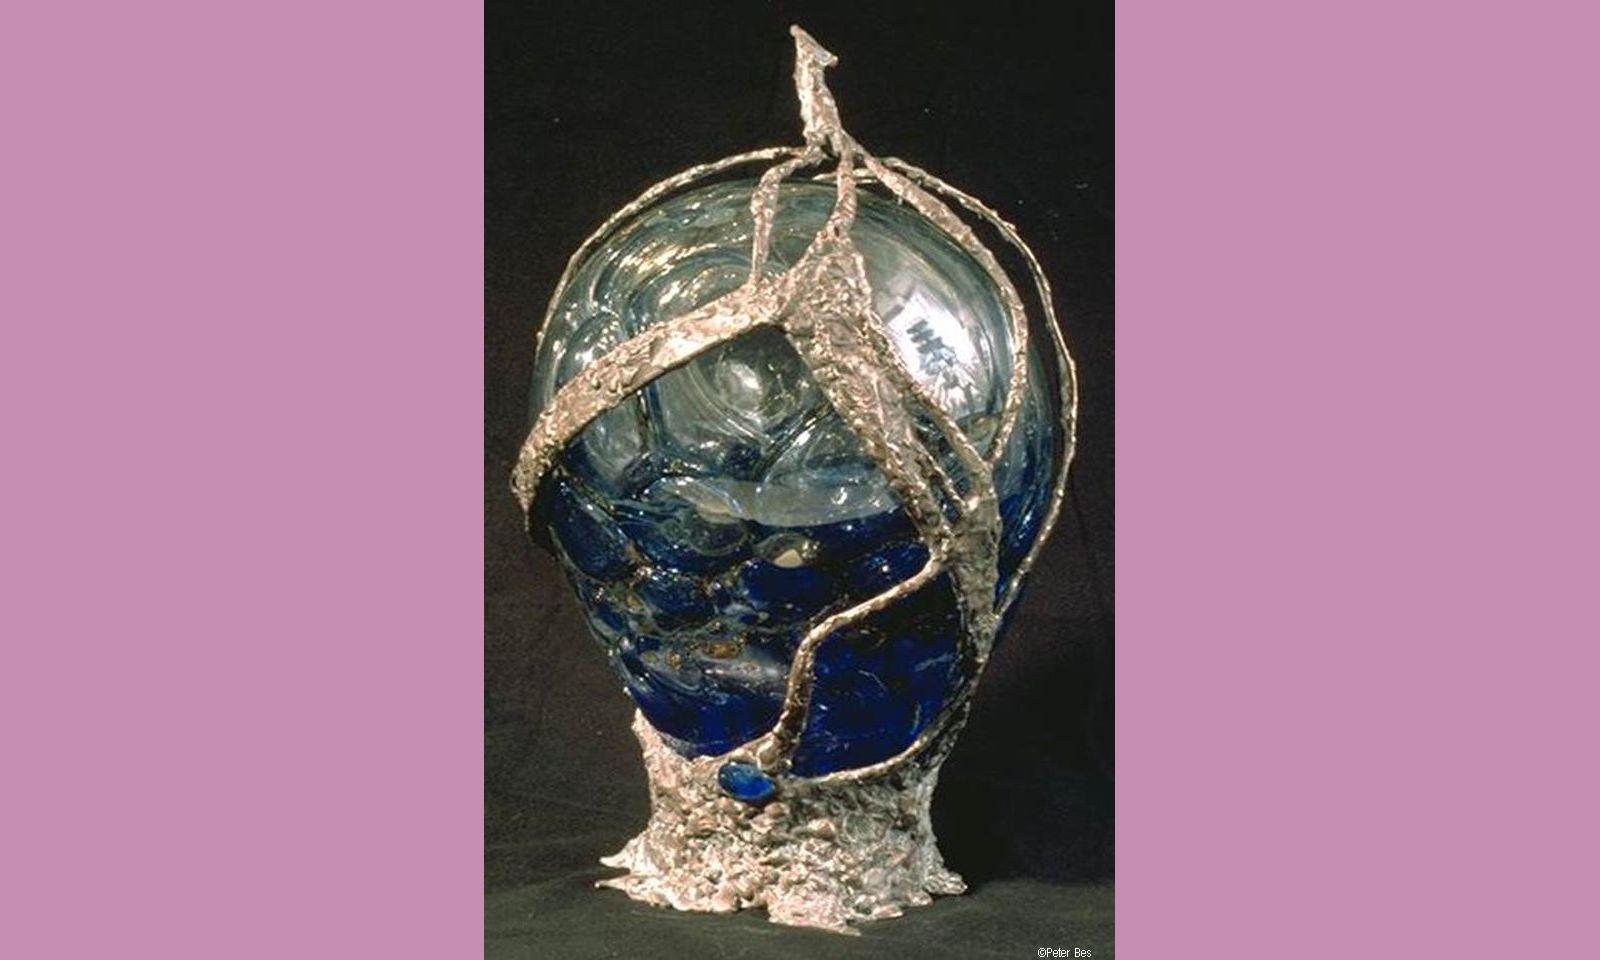 Peter Bes - Gegoten en geblazen glas 04b